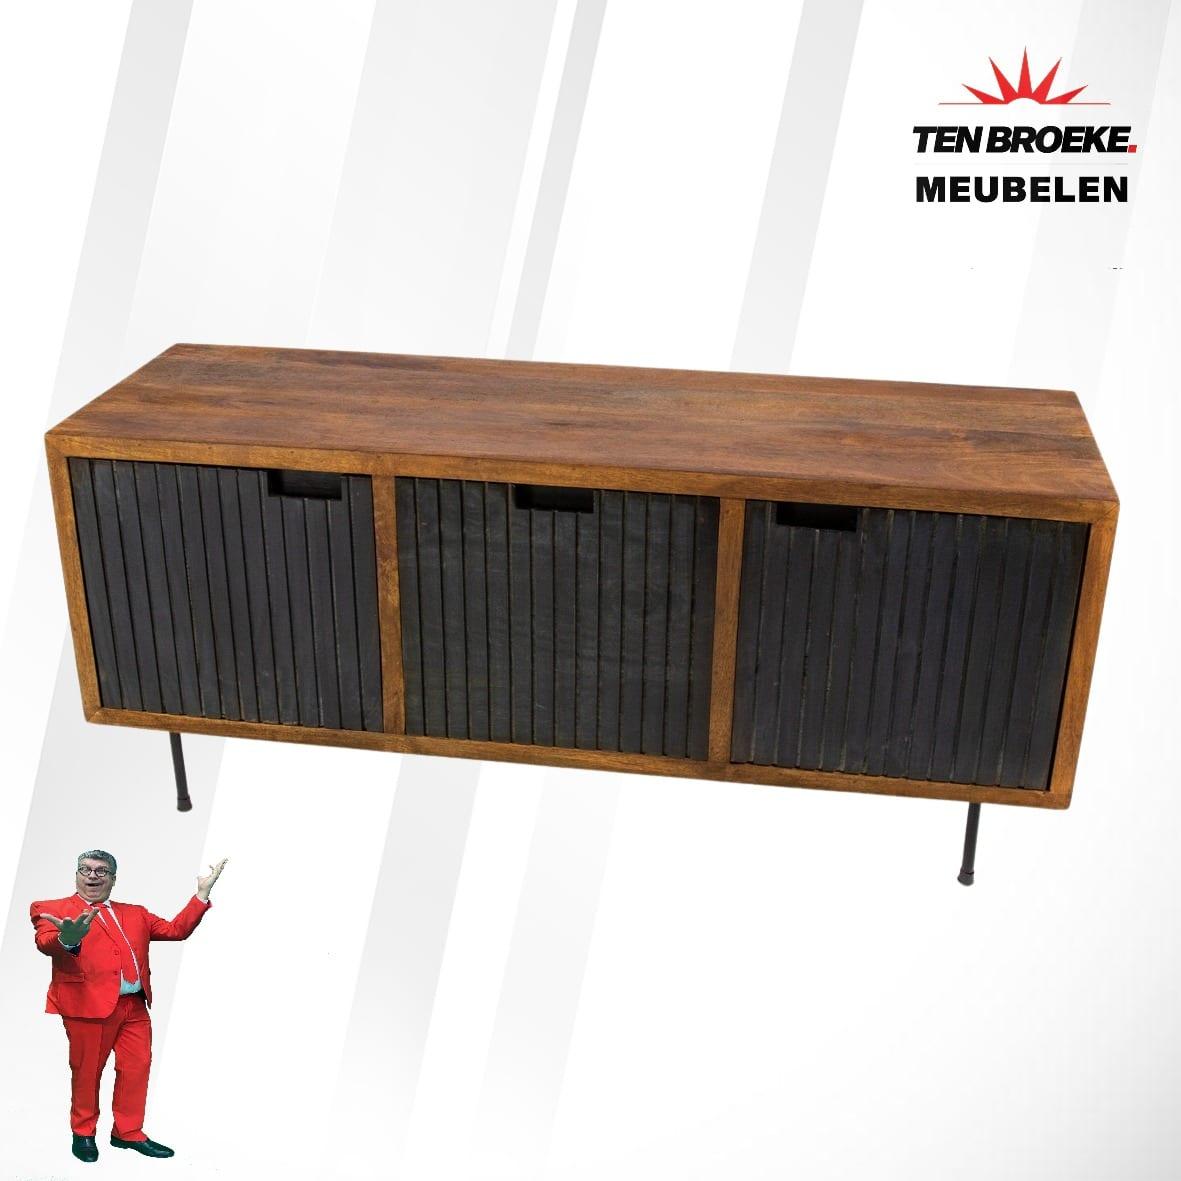 Ten Broeke Meubelen kokomo TV kast 1